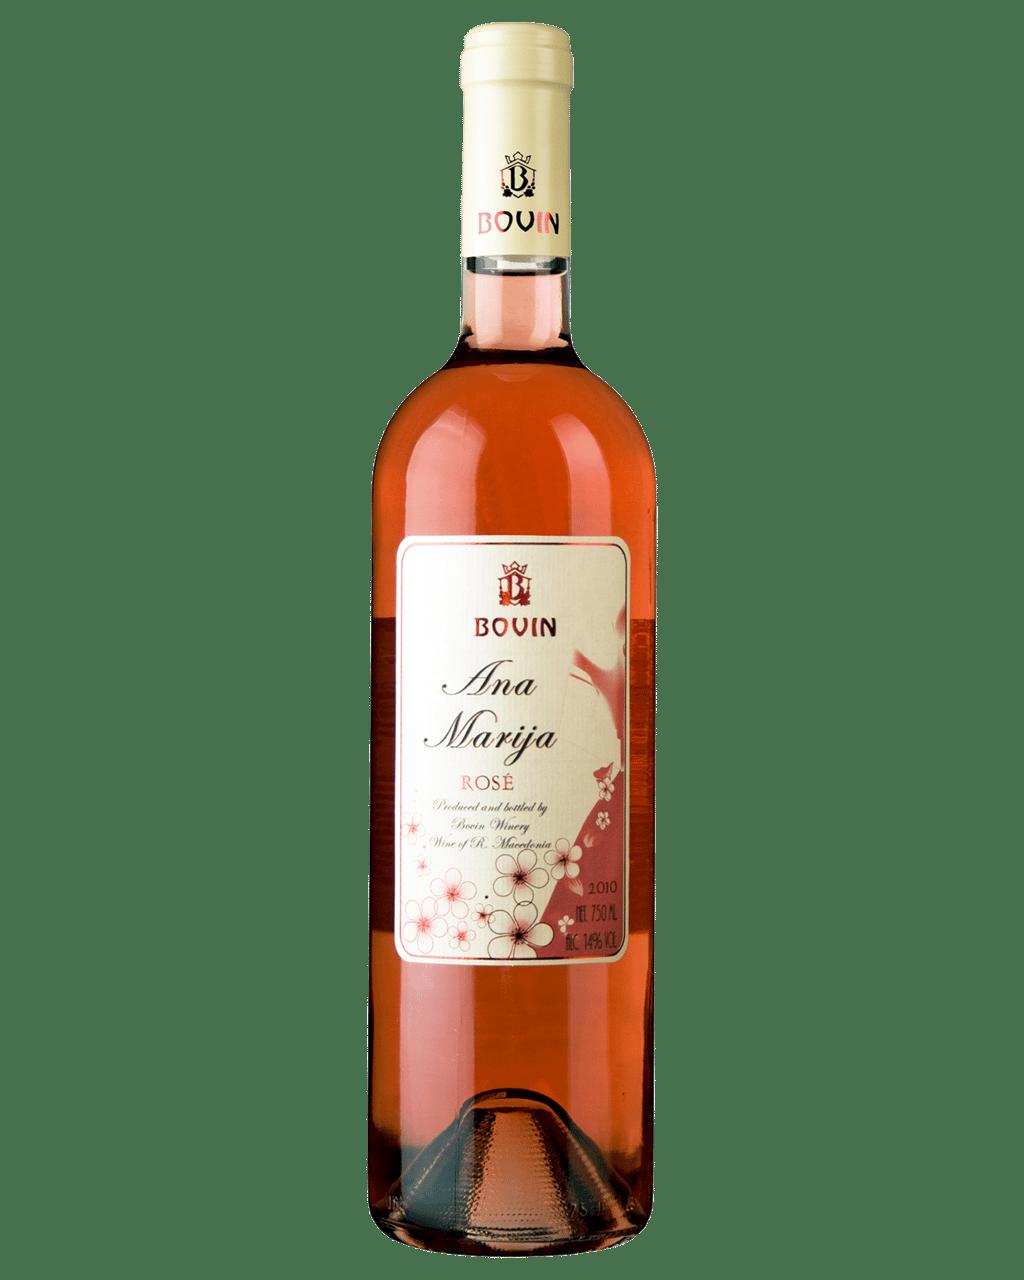 Ana Rose buy bovin ana-marija rose 2017   dan murphy's delivers